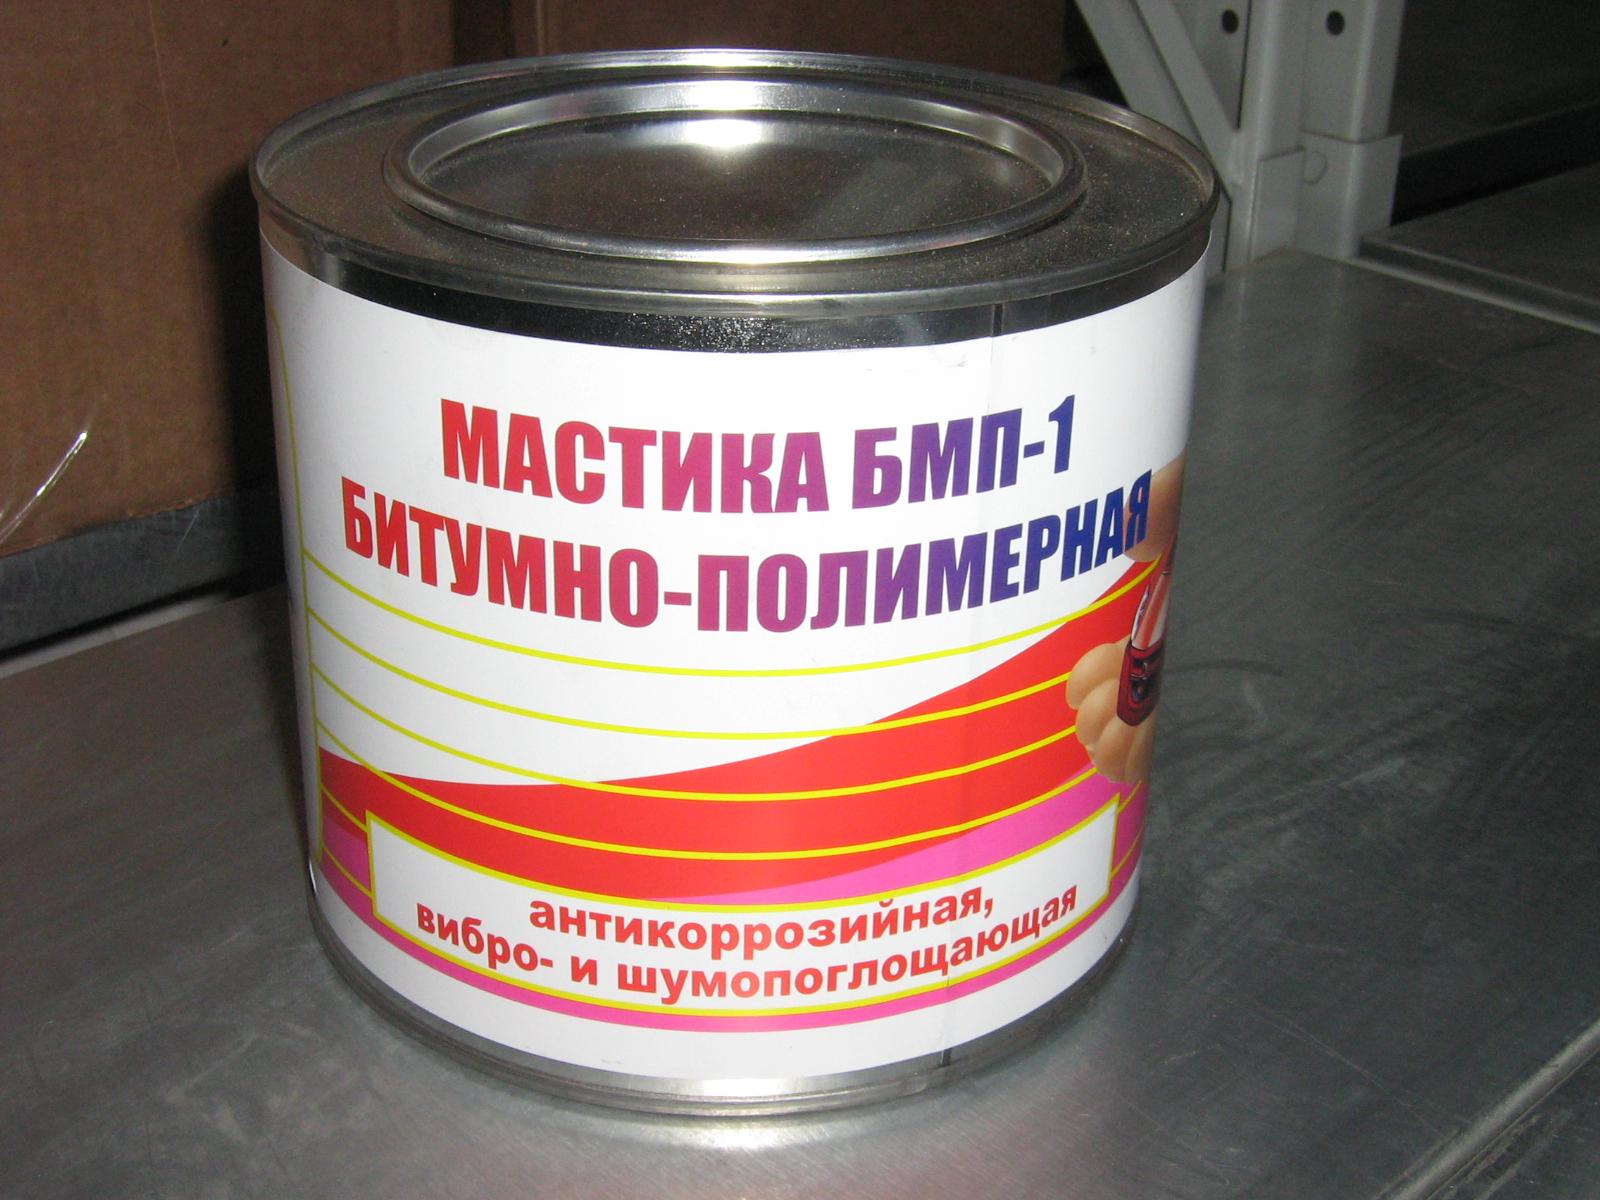 Противошумовая мастика бмп-1-тех характеристика художественнпя шпатлевки